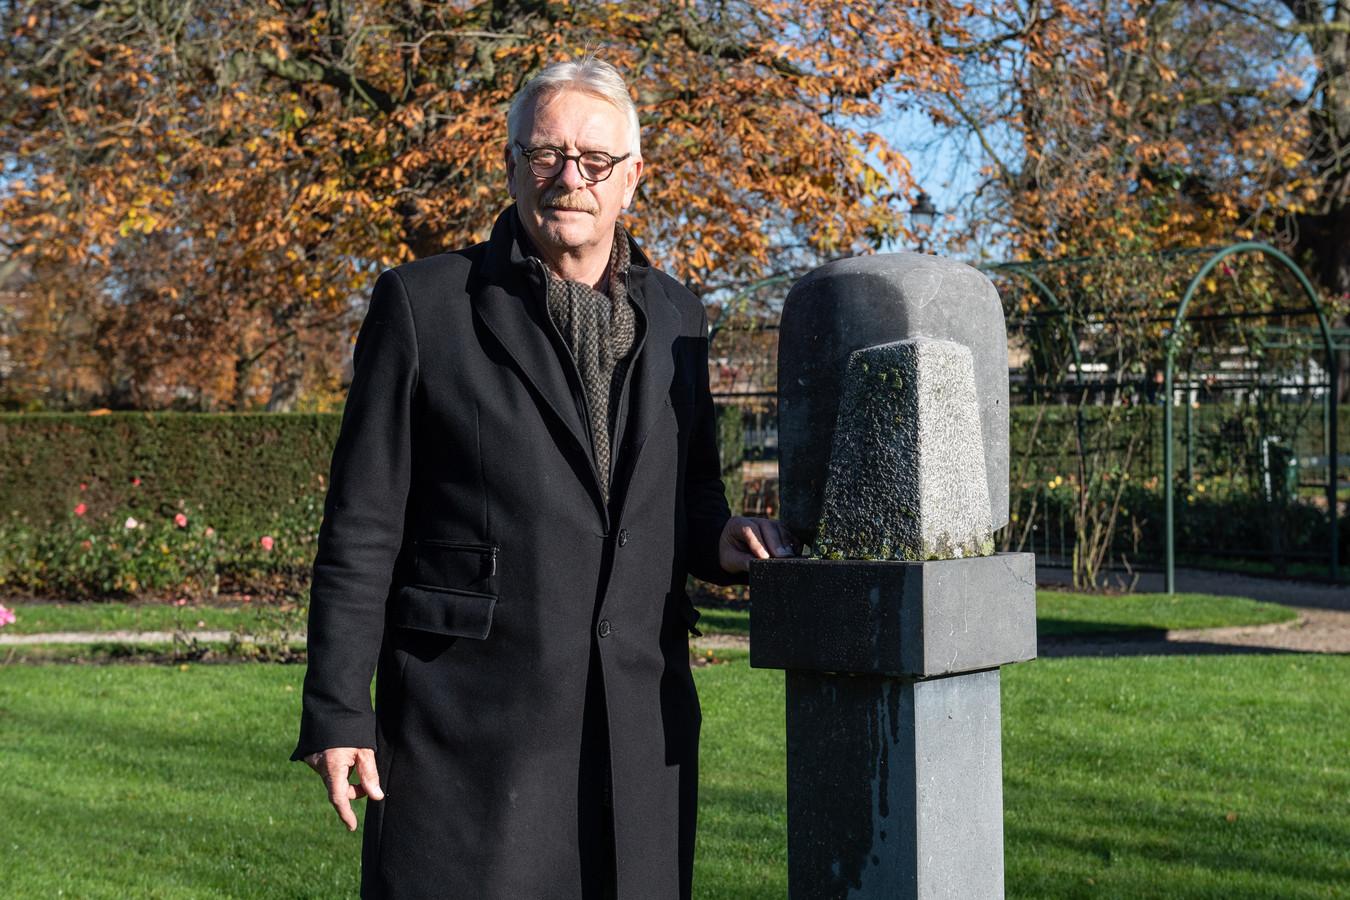 Jan Noltes stopt als voorzitter.